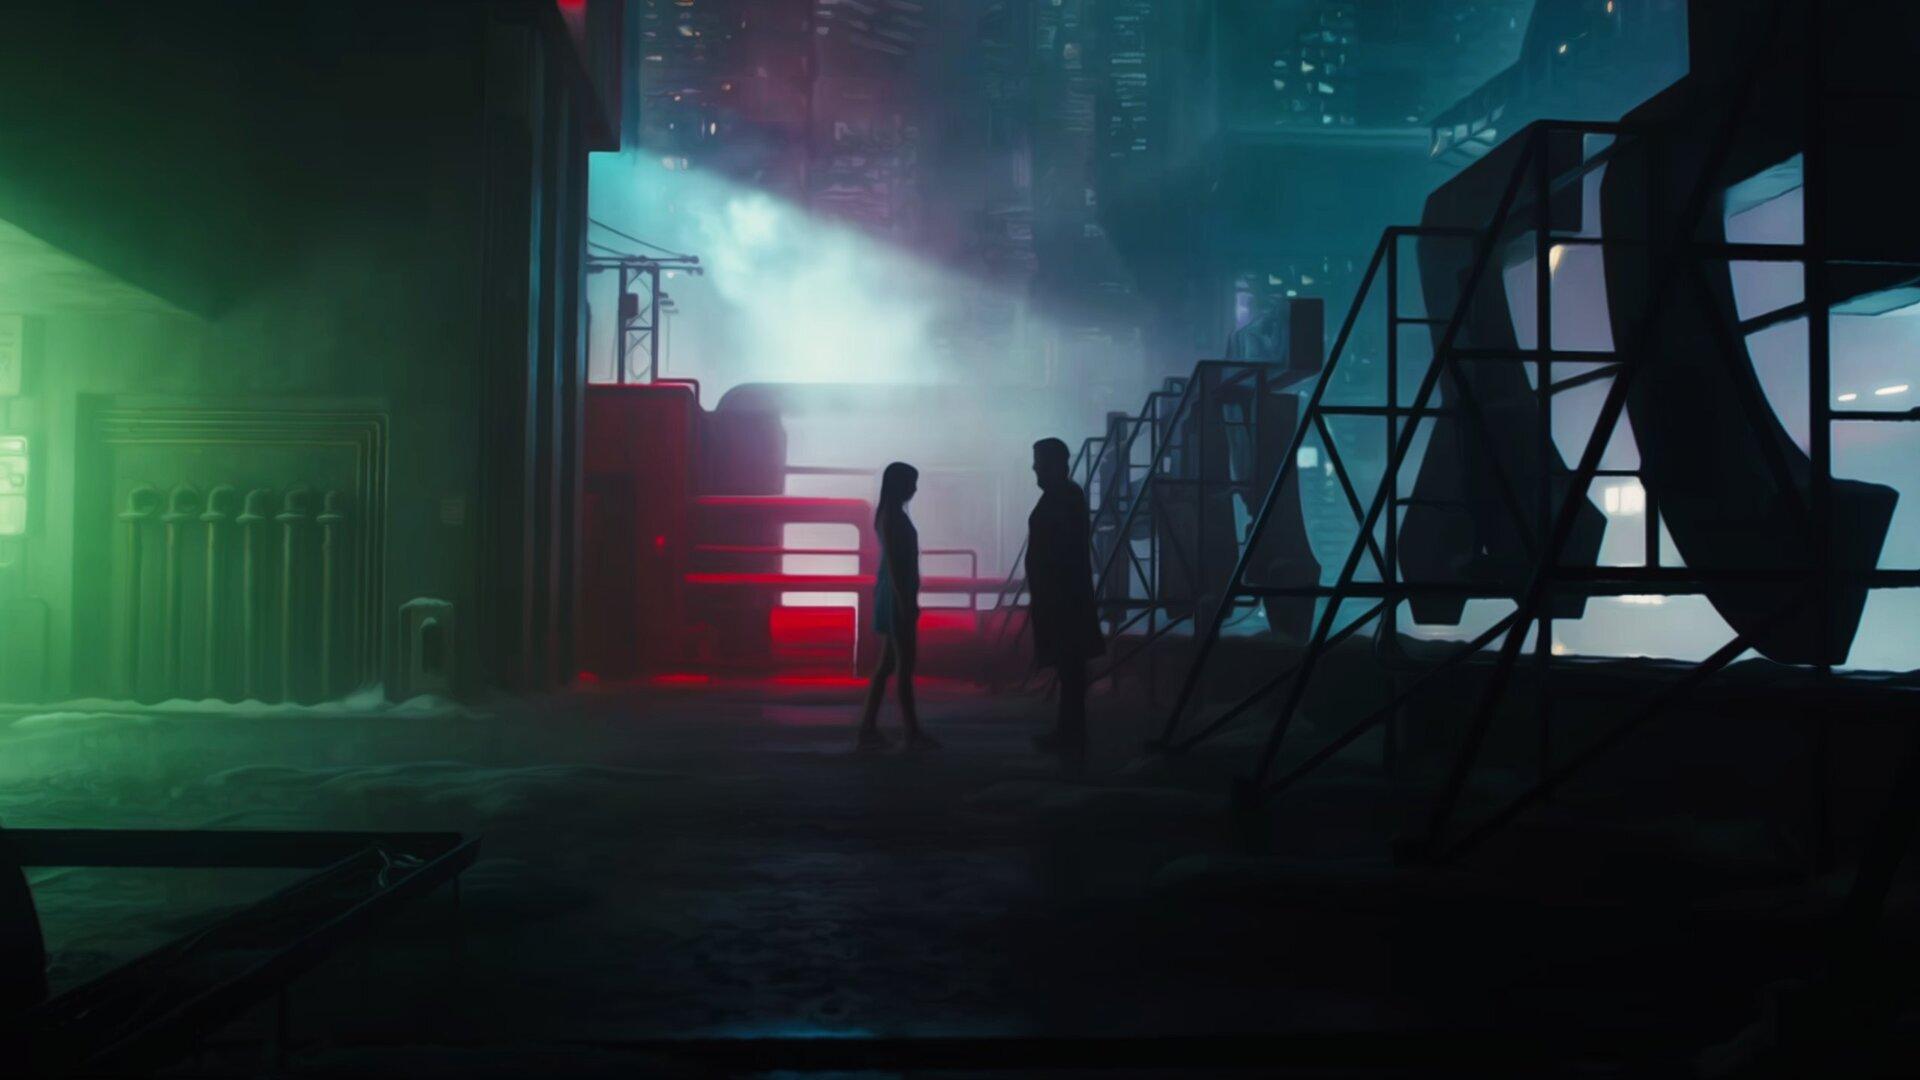 Blade Runner 2049 Wallpapers From Trailer 1920x1080: 1920x1080 4k Blade Runner 2049 Artwork Laptop Full HD